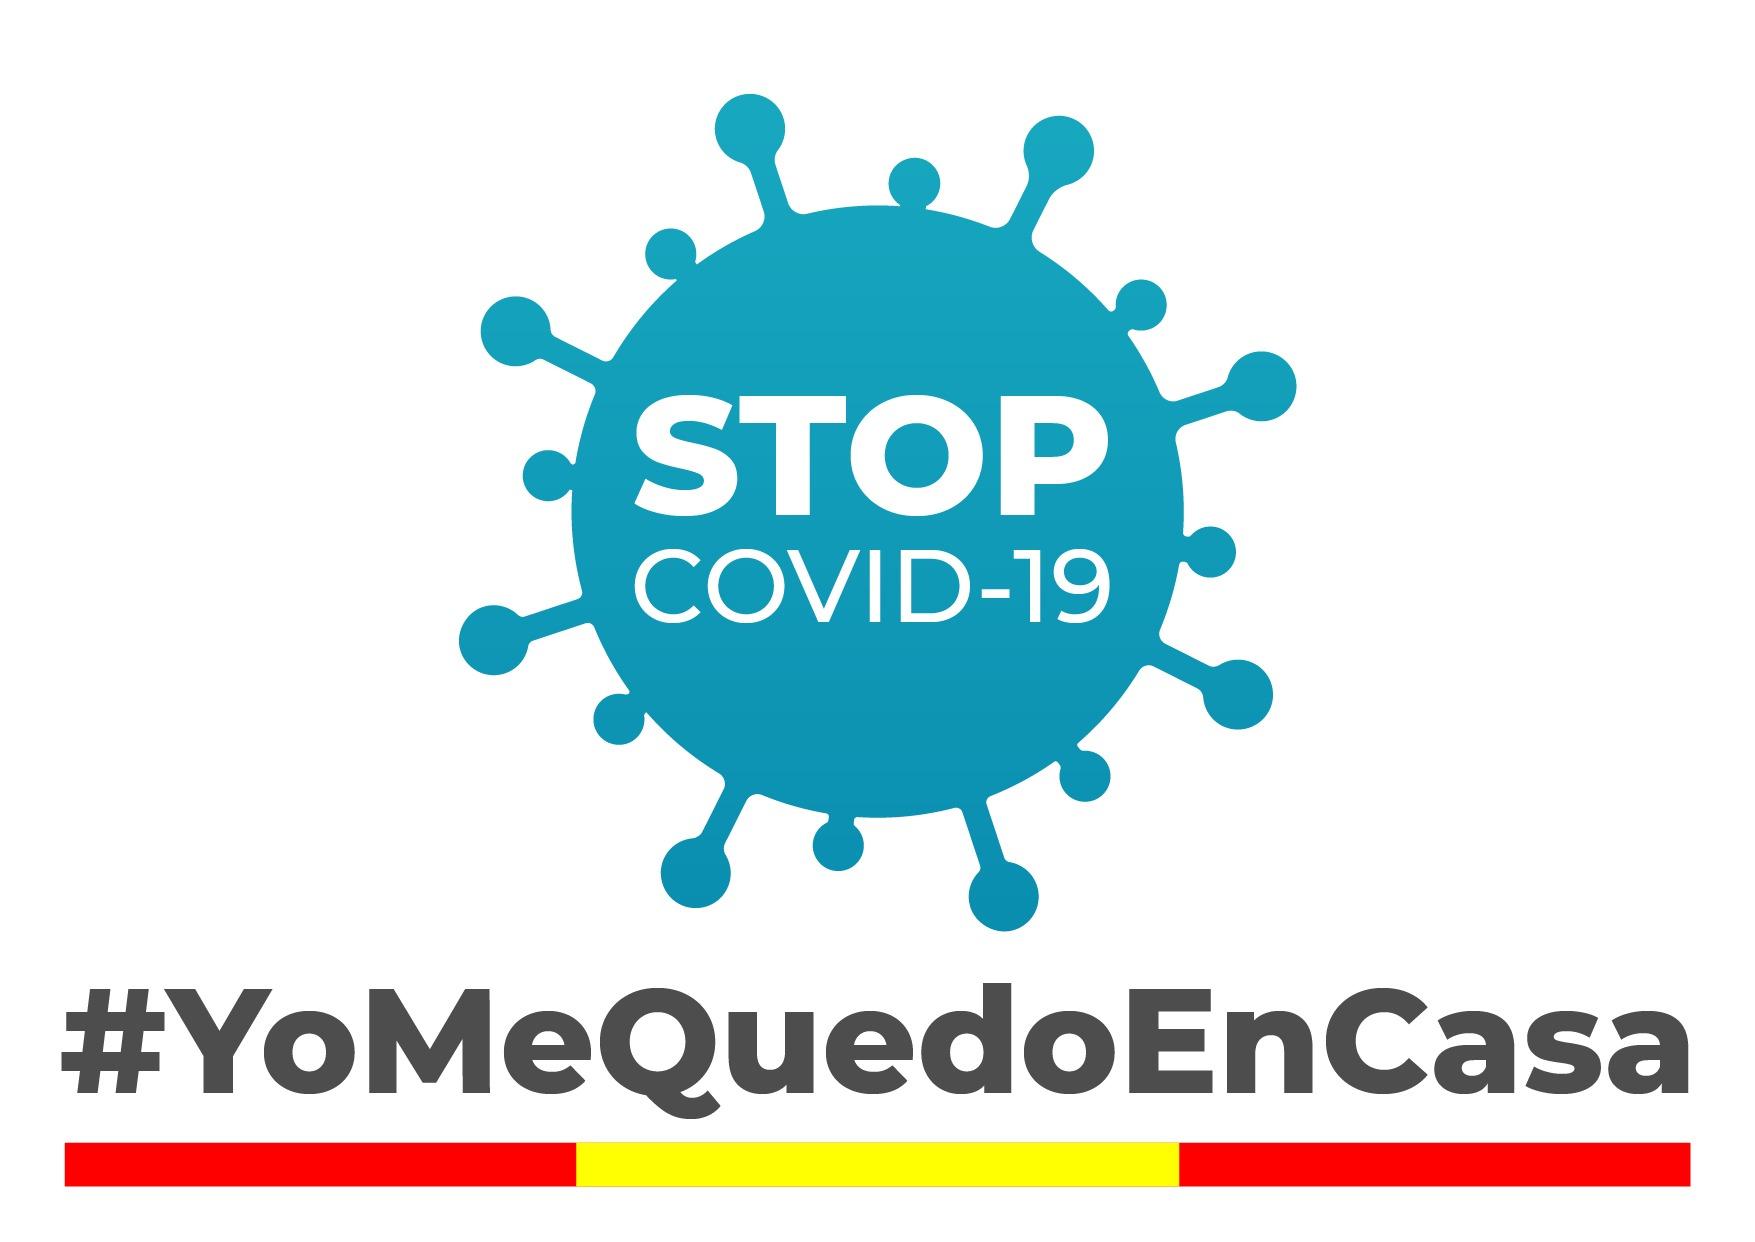 cartel de animo contra el coronavirus STOP covid-19 y mensaje #yomequedoencasa y bandera de España